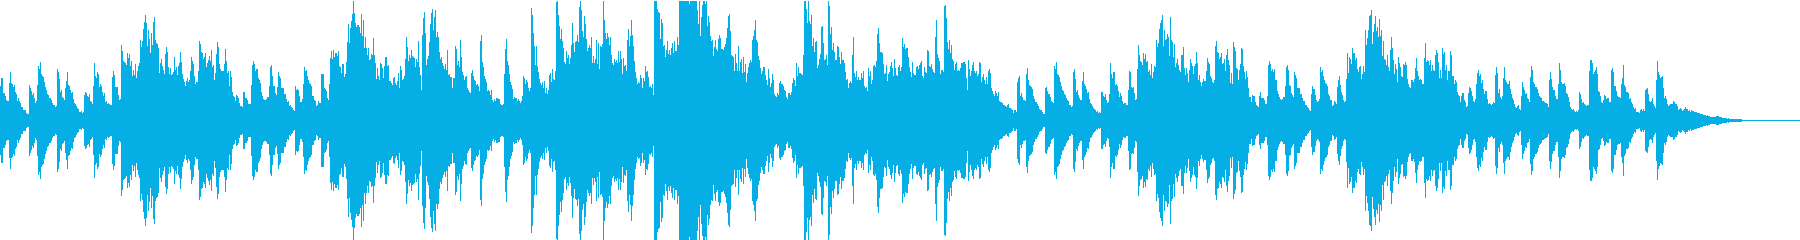 ジムノペディを幻想的なソプラノで歌っての再生済みの波形